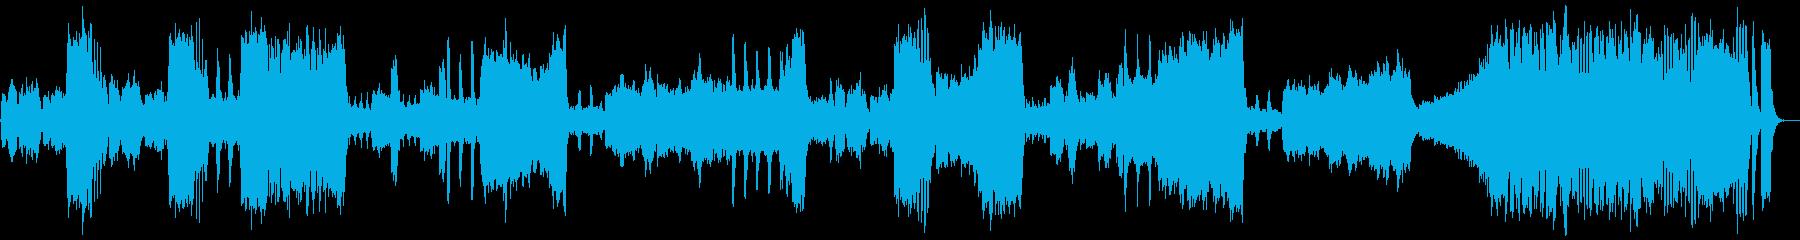 『フィガロの結婚』序曲 モーツァルトの再生済みの波形